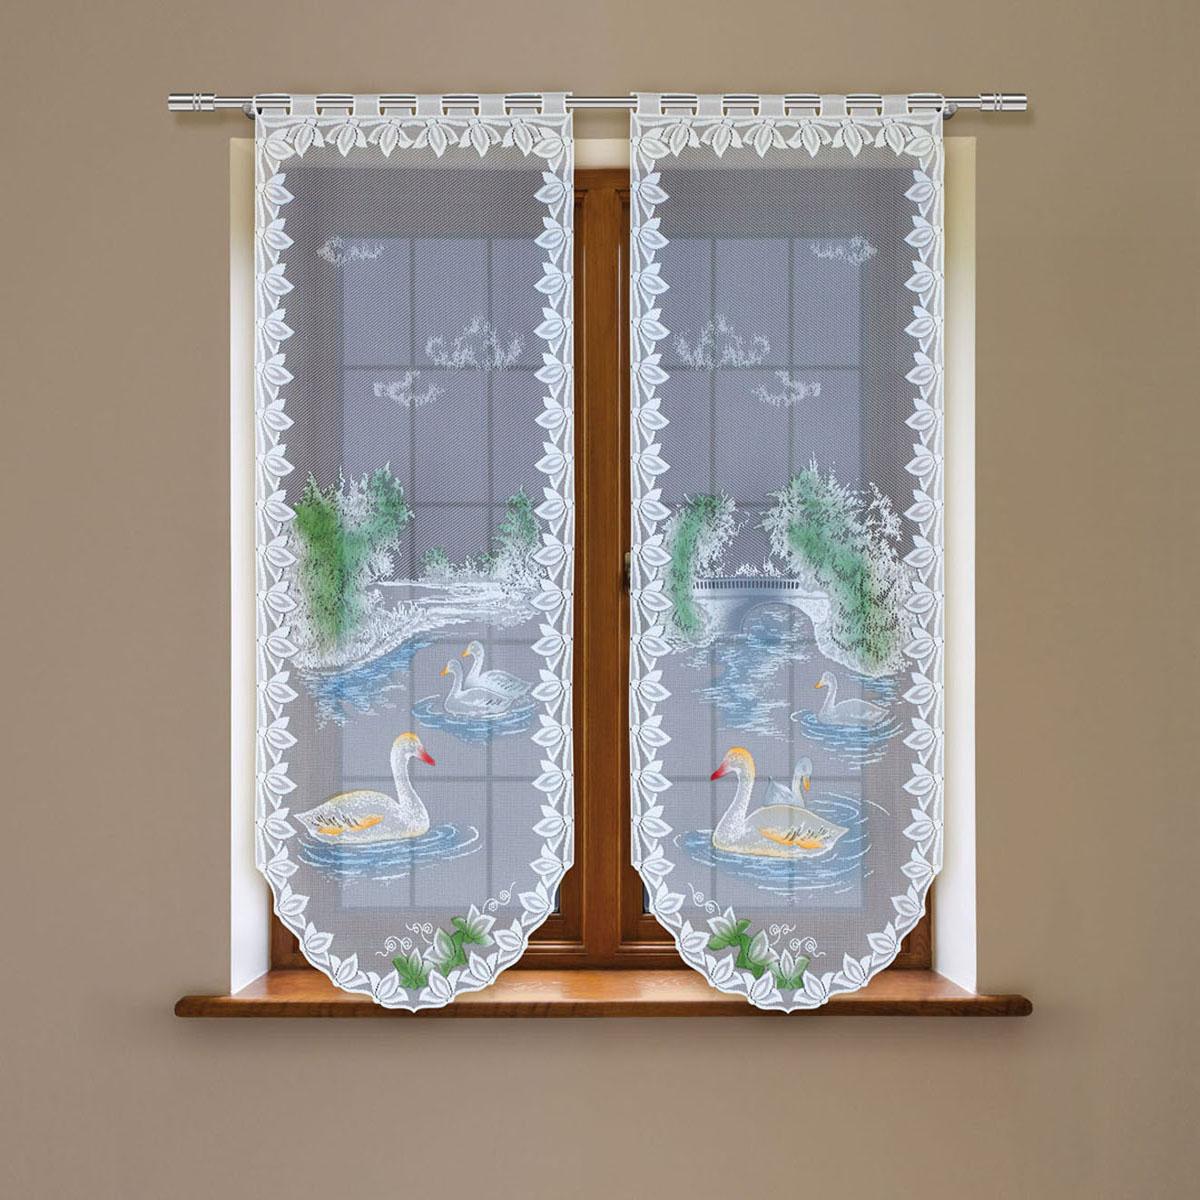 Гардина Haft, цвет: белый, высота 120 см. 4243D/604243D/60Гардина-витраж Haft, изготовленная из полиэстера, станет изюминкой интерьера вашей комнаты. Гардина имеет в верхней части полотна прорези, через которые вешается на карниз. Гардину можно крепить на зажим для штор, который в комплект не входит.